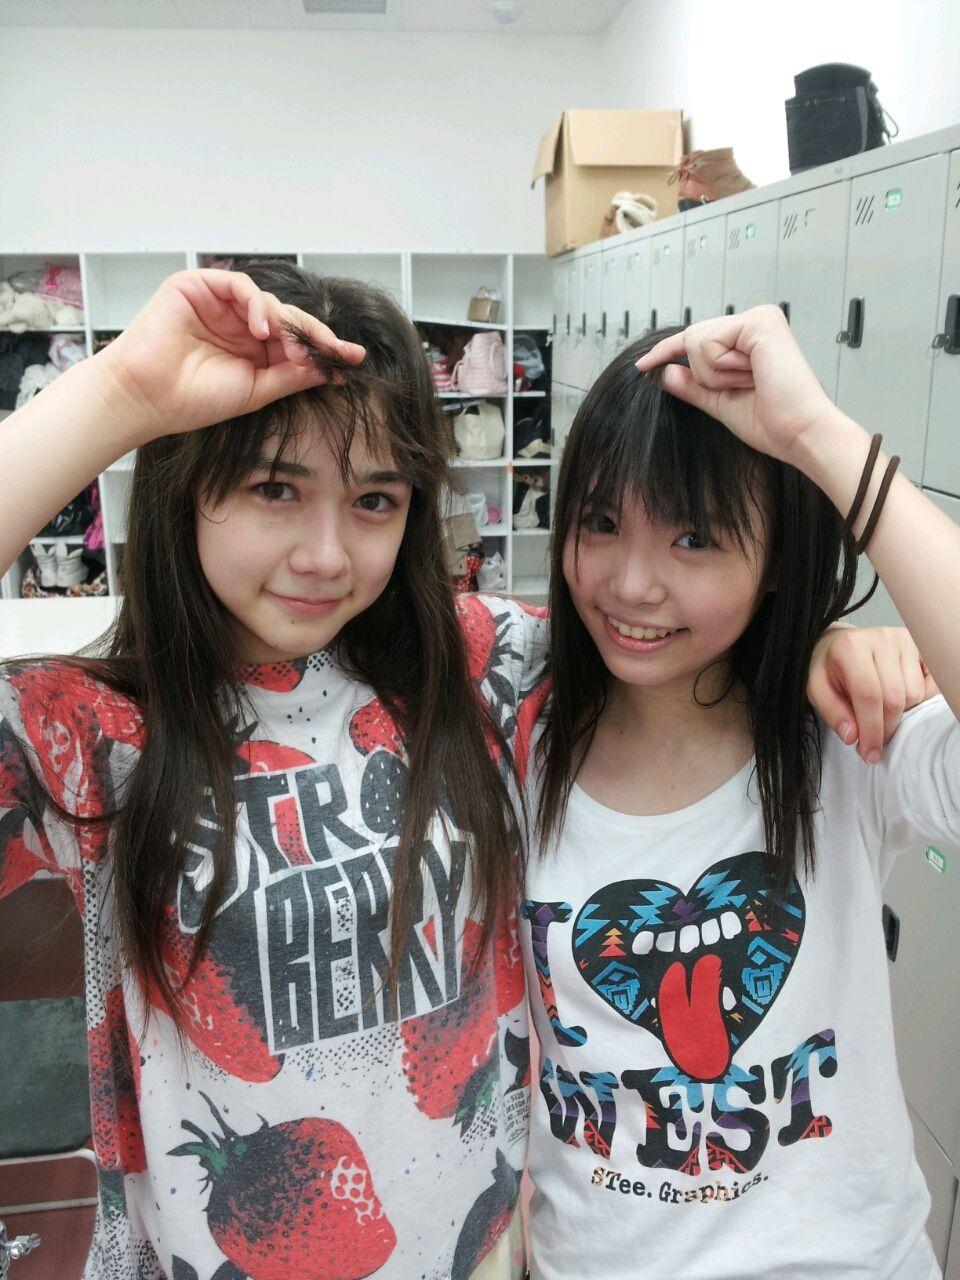 http://livedoor.blogimg.jp/otohaeika/imgs/a/1/a1260e51.jpg